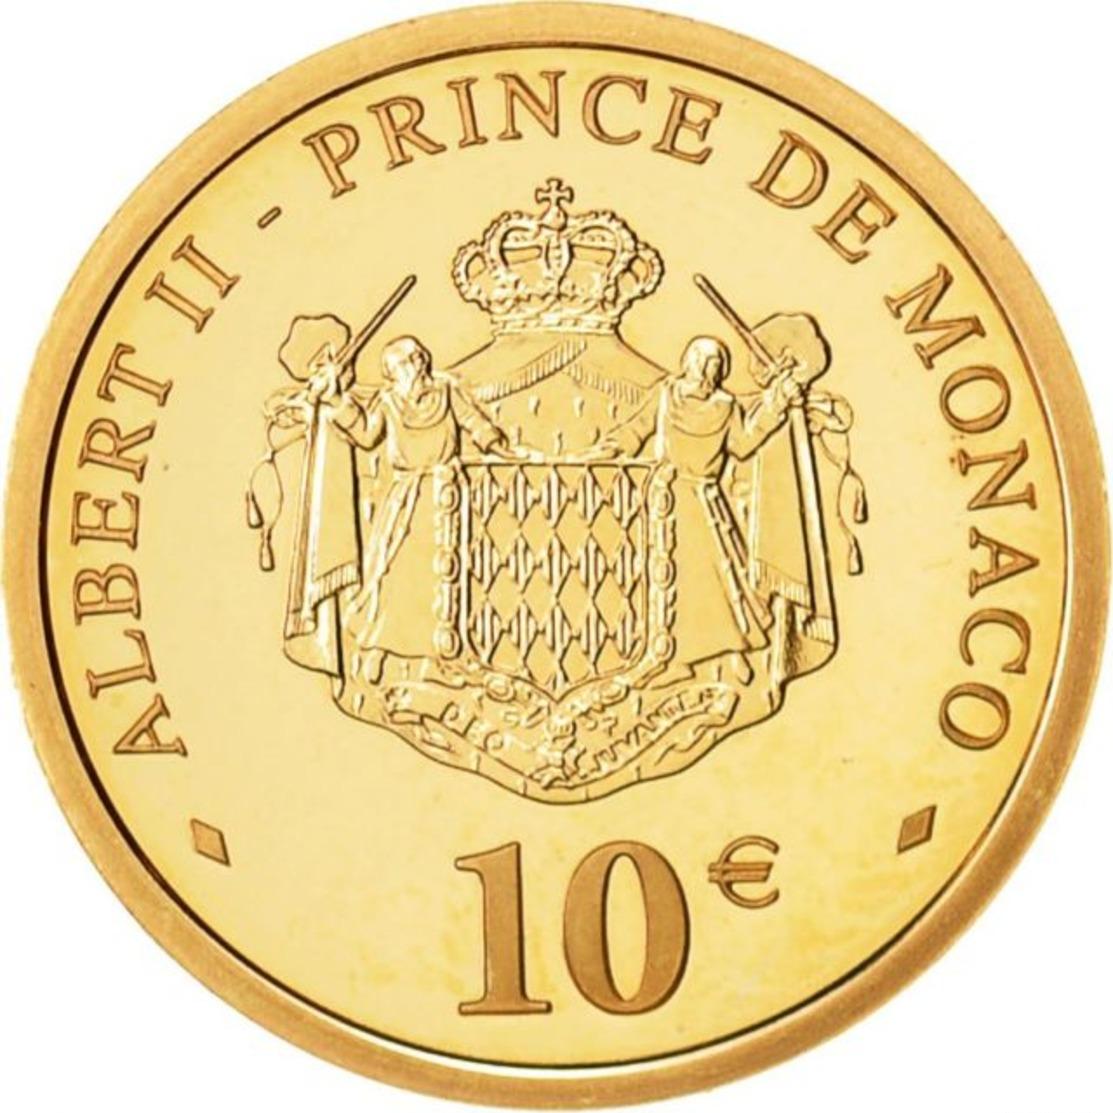 MONACO  2005 PRINCE RAINIER III 10 € EN OR (FDC)  EN COFFRET..... - Monaco